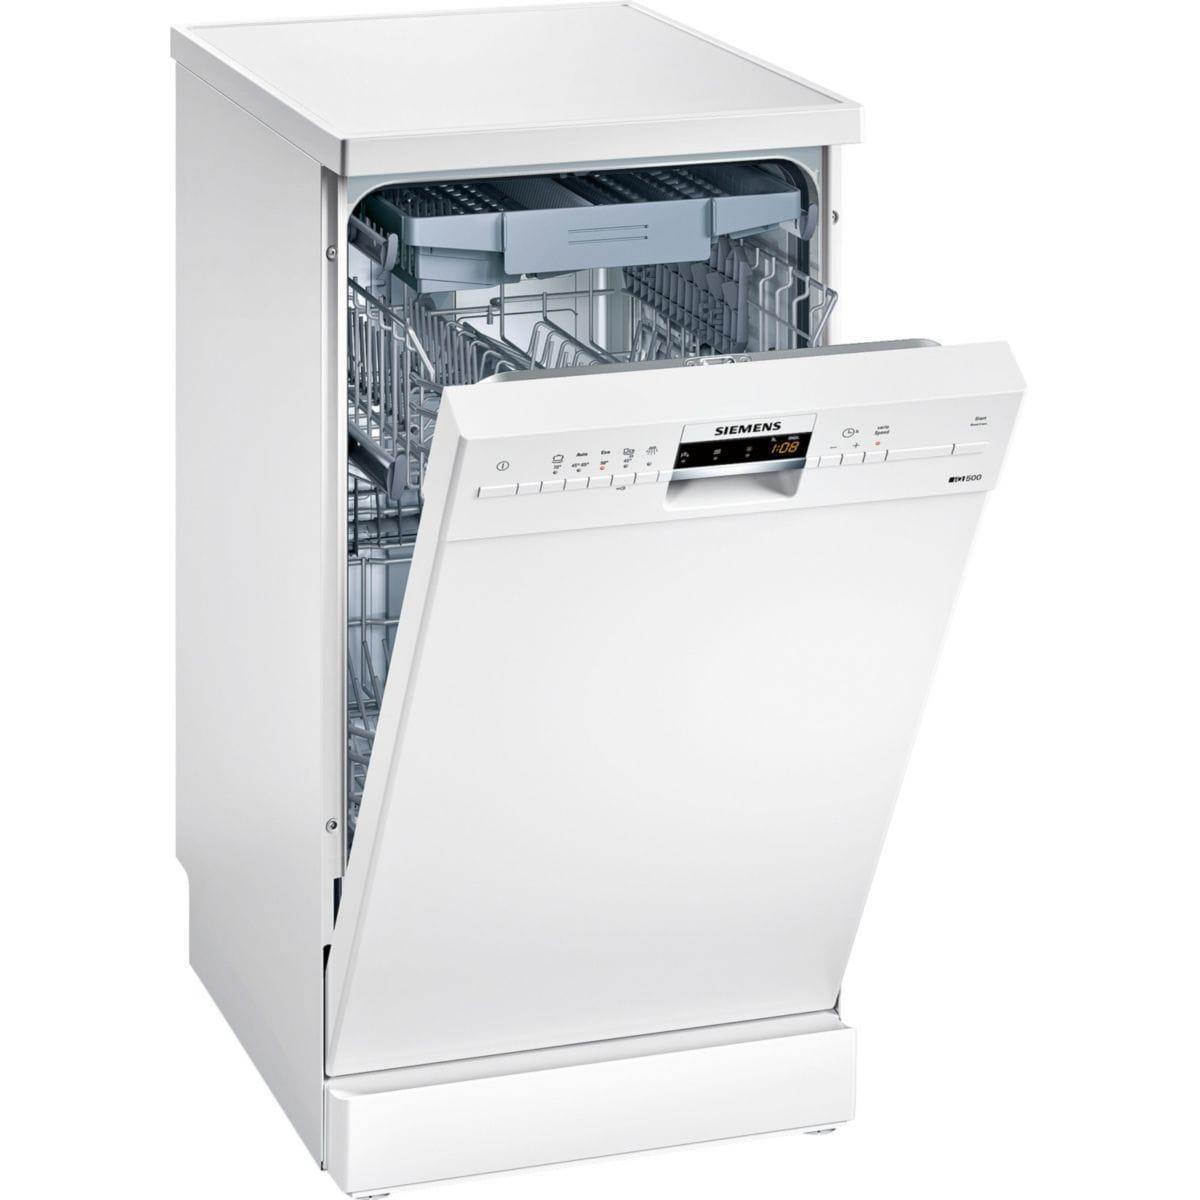 Lave-vaisselle 45cm Siemens SR25M284EU - 10 couverts